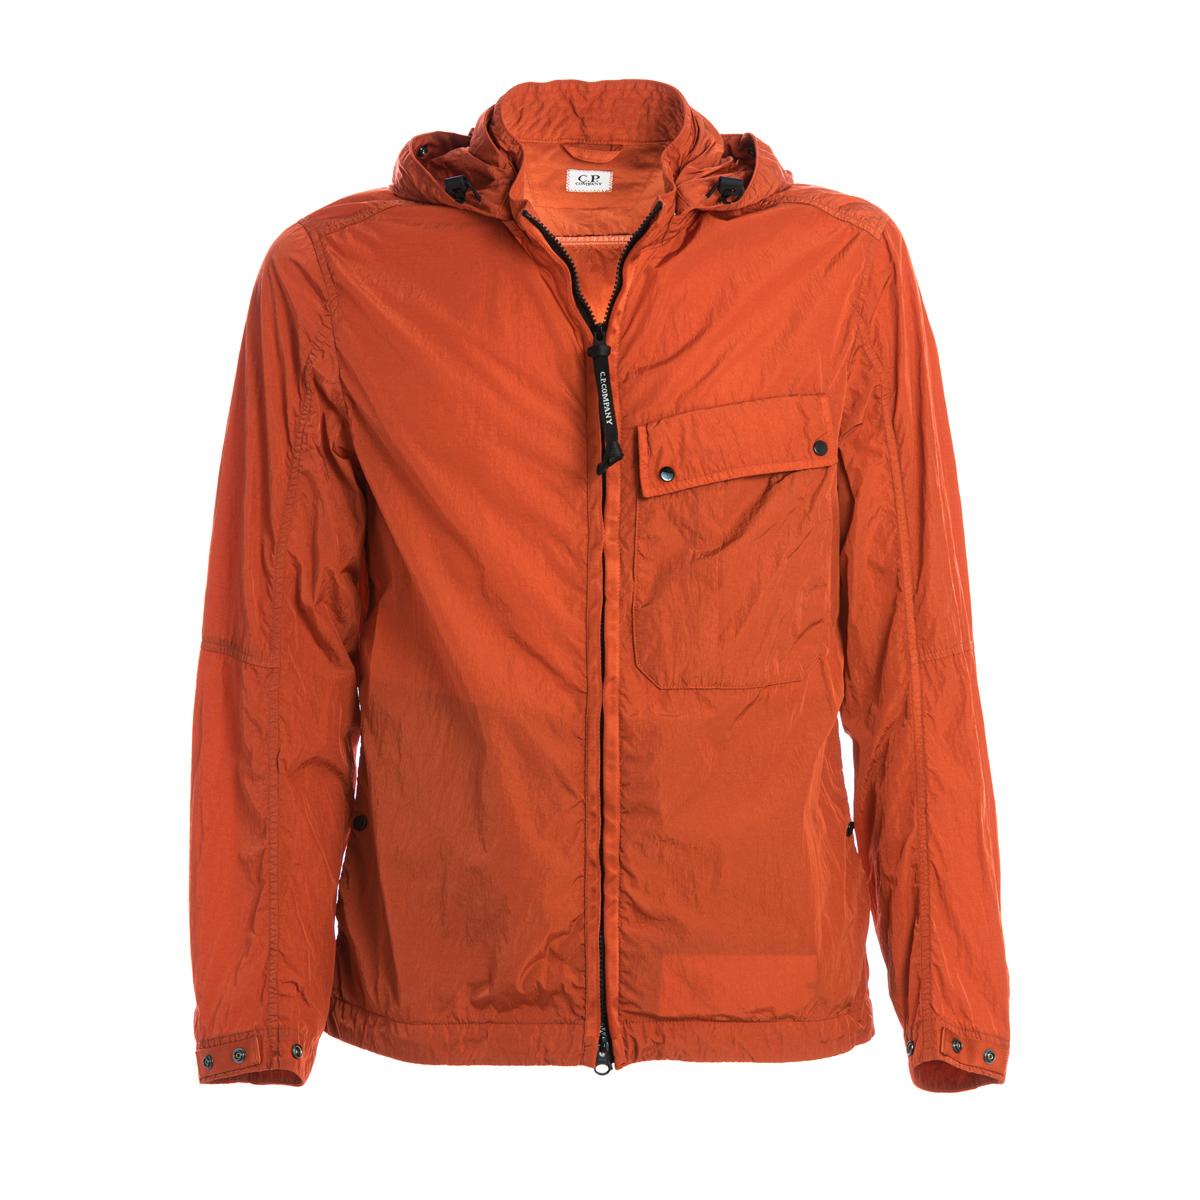 Overshirt CHROME R MIXED C.P. Company Arancio